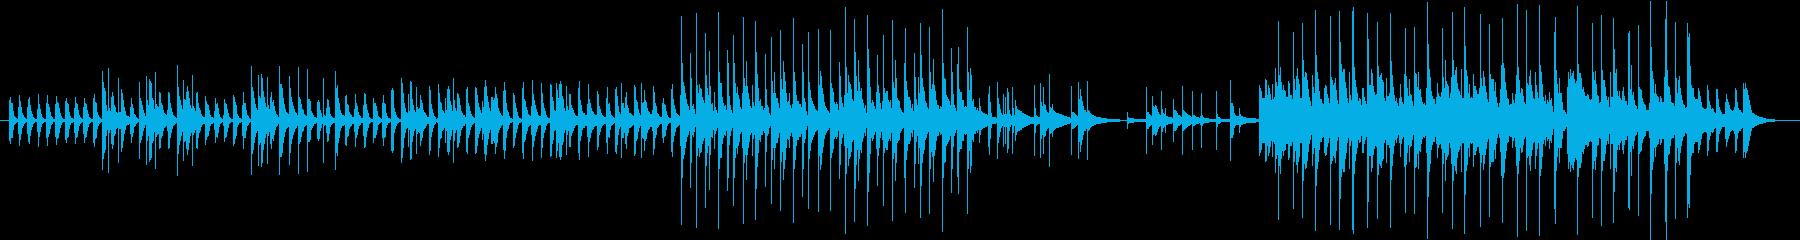 可愛らしいグロッケンサウンドの再生済みの波形